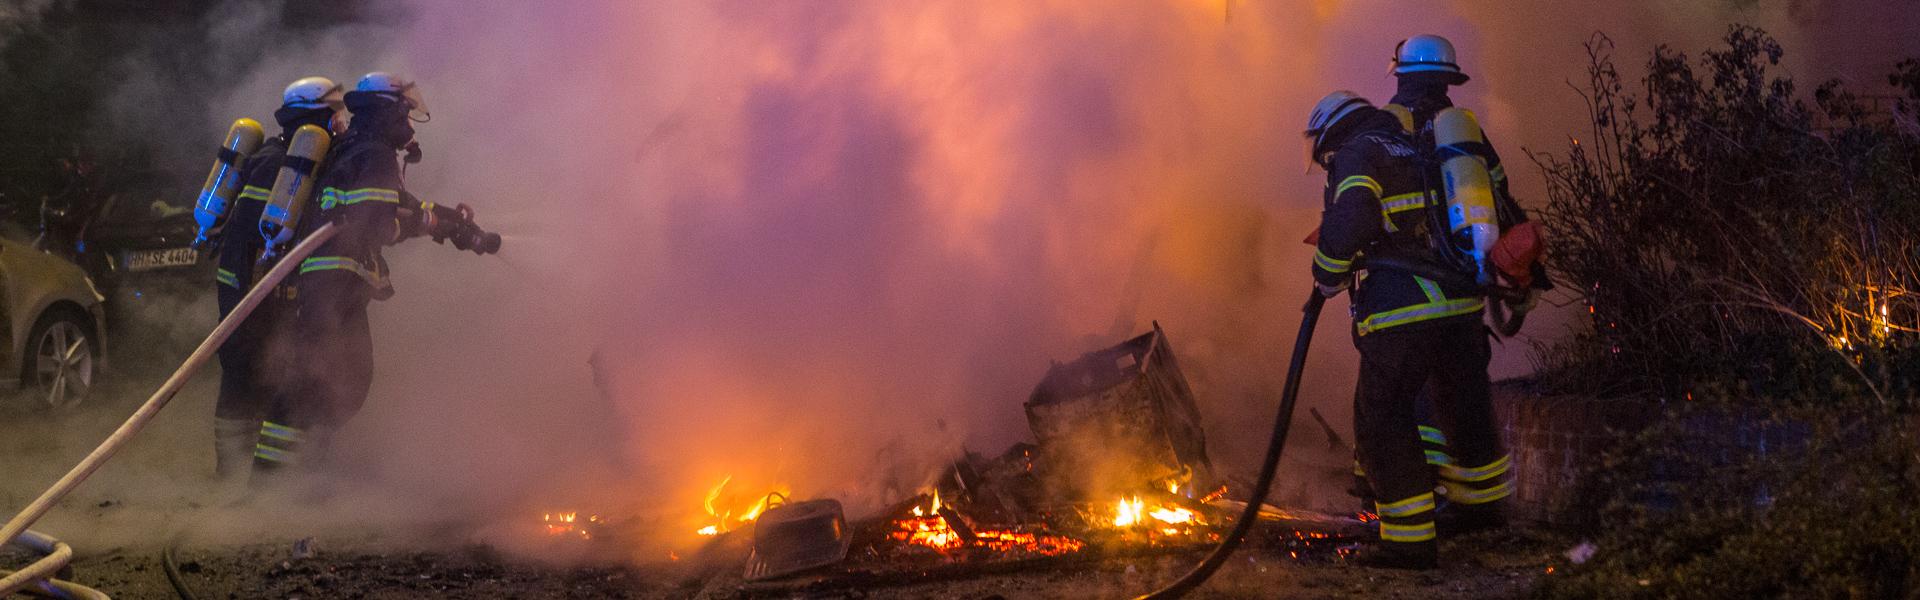 03.05.2018 – Wohnmobil-Brandstifter schlägt in Wandsbek zu